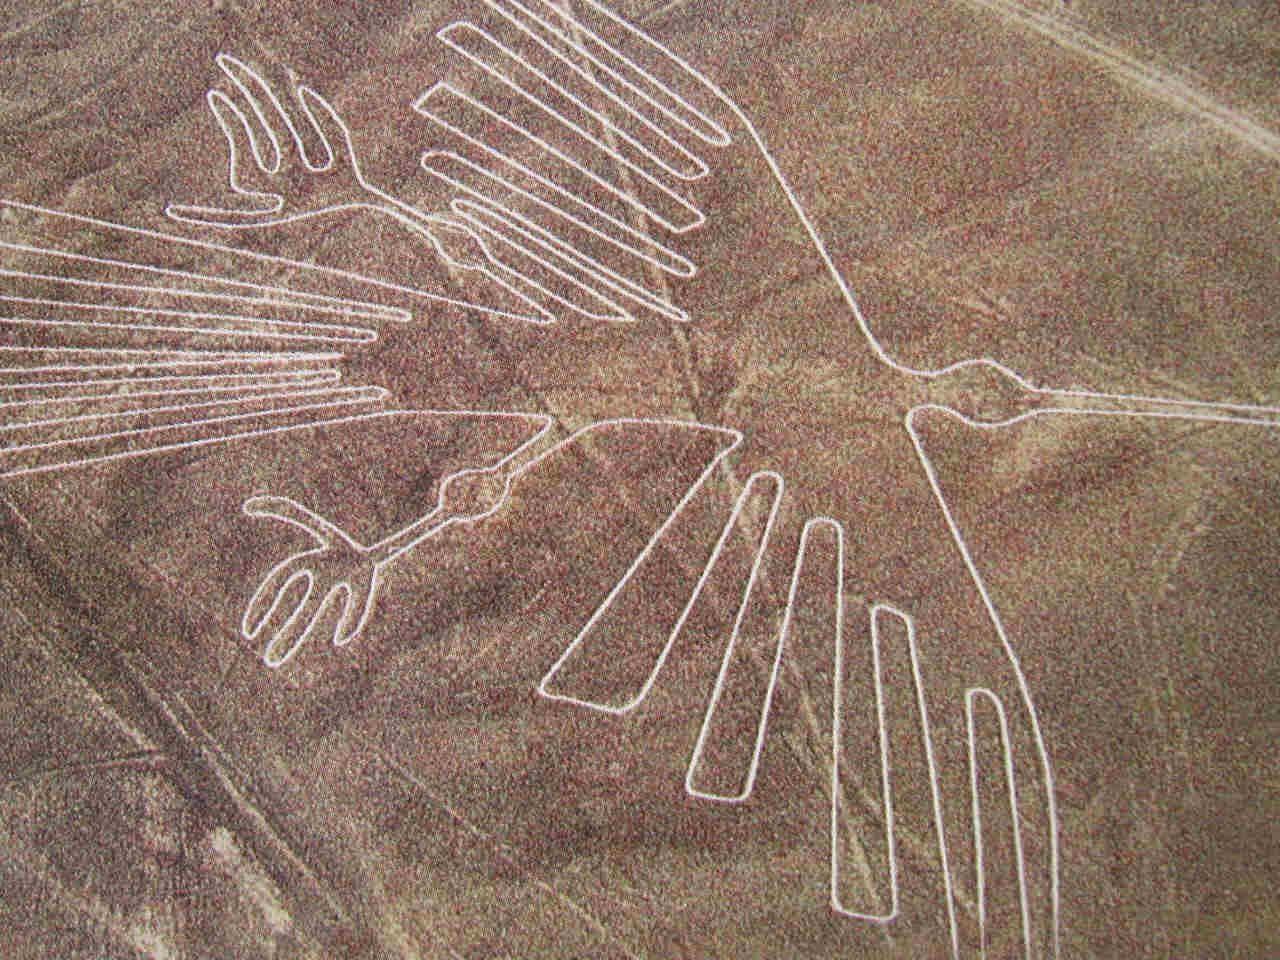 Nazca-geoglyphs.jpg